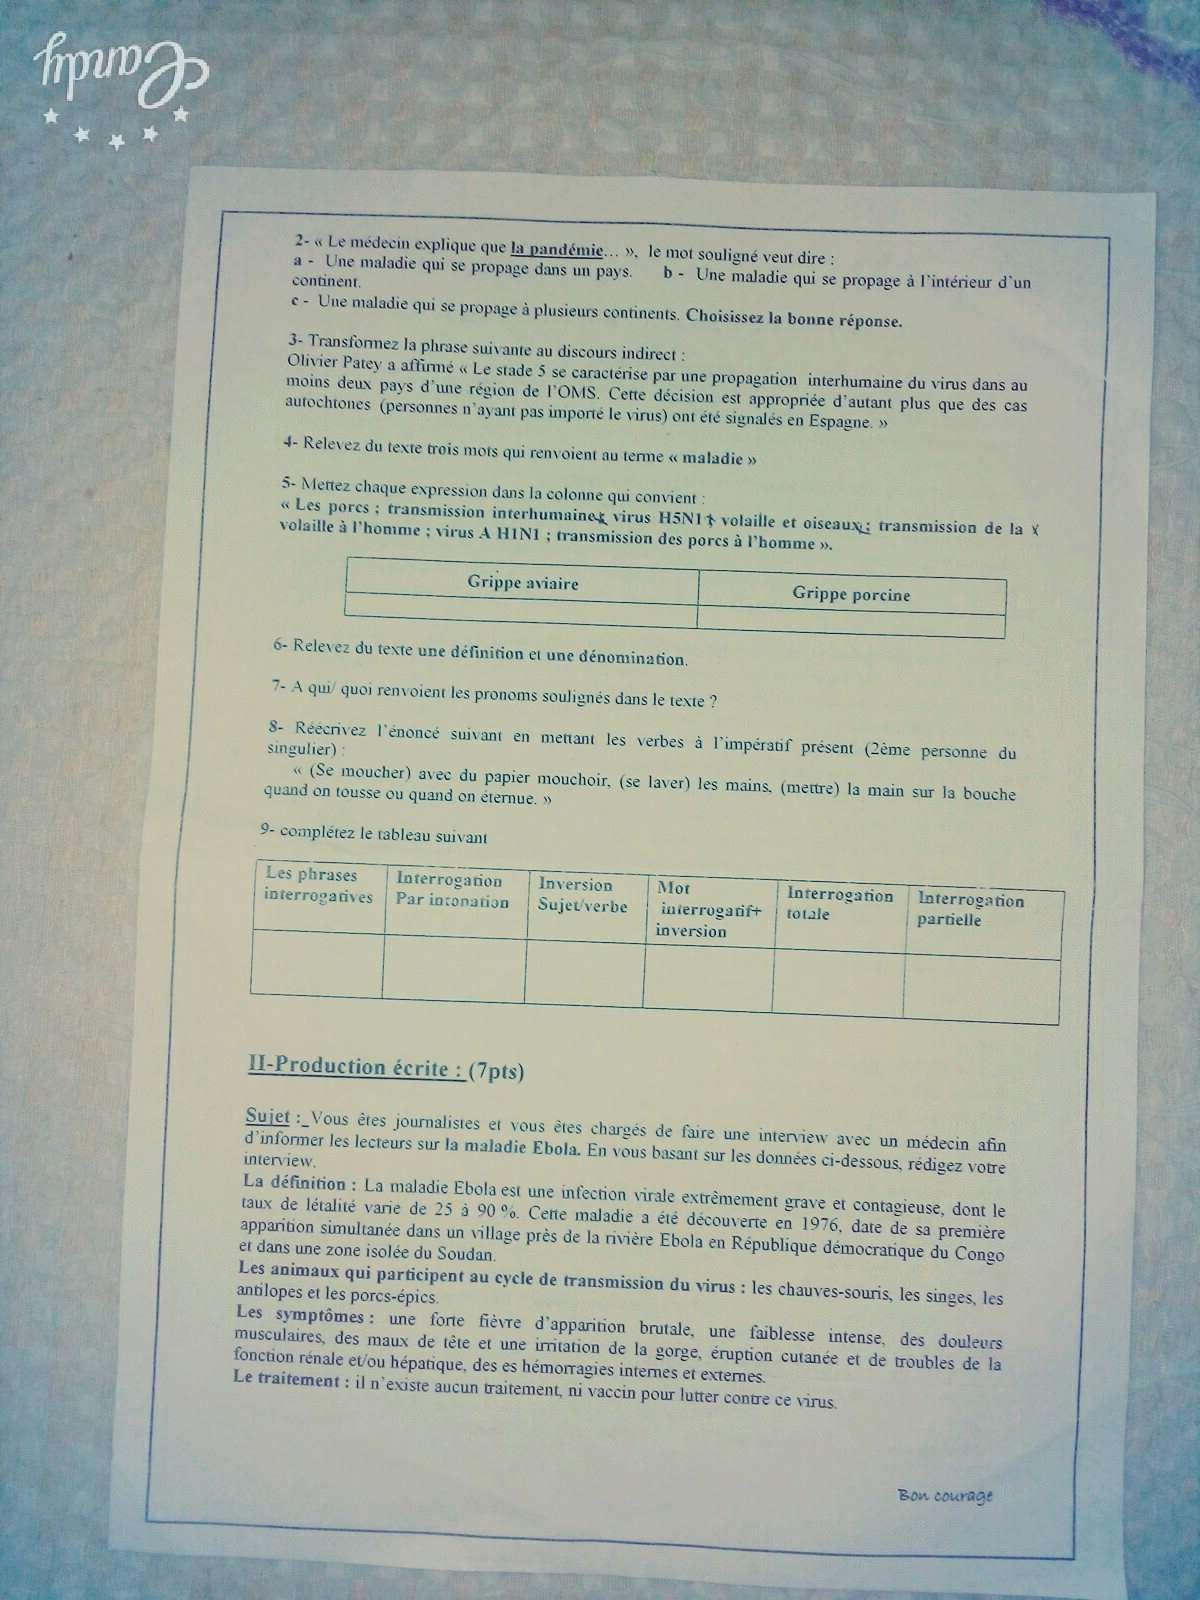 إختبار الفصل الثاني في اللغة الفرنسية للسنة الاولى ثانوي أداب 1أ - نموذج 1 17035910